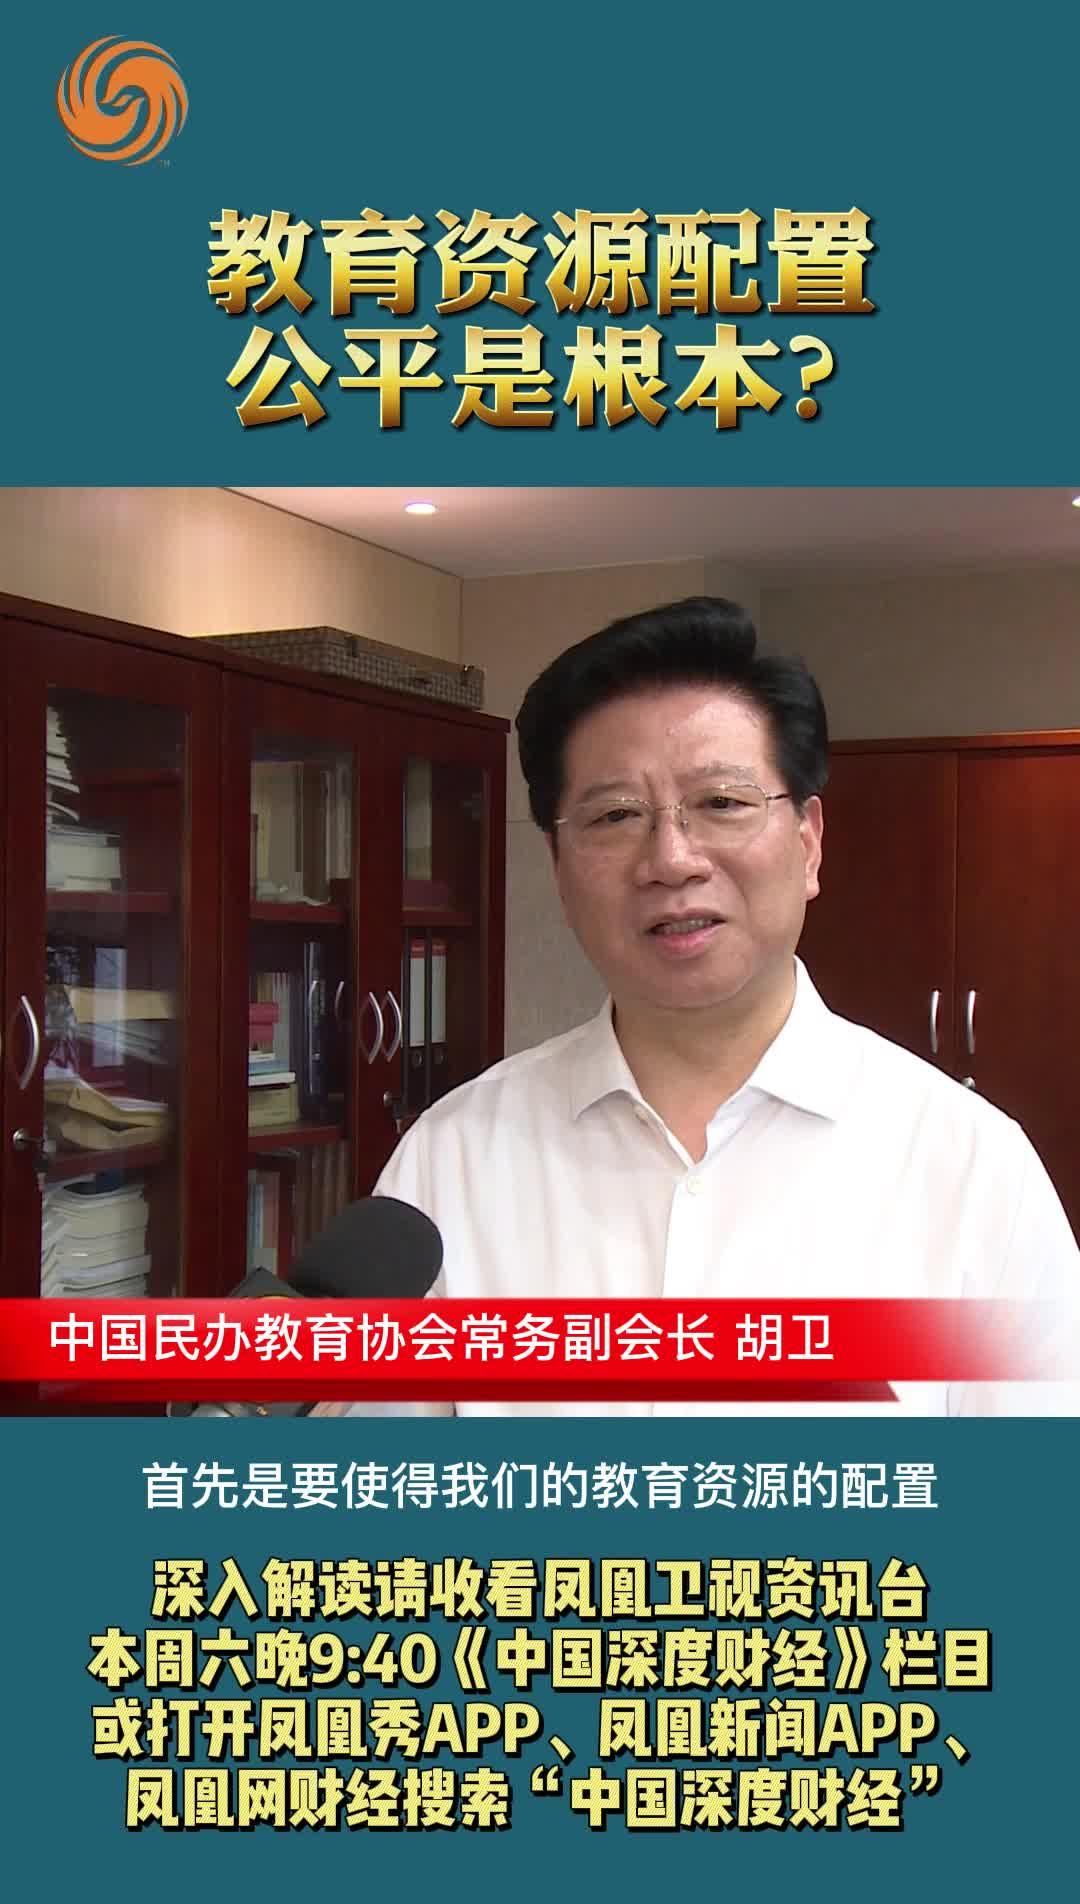 中国民办教育协会常务副会长 胡卫:教育资源配置公平是根本?